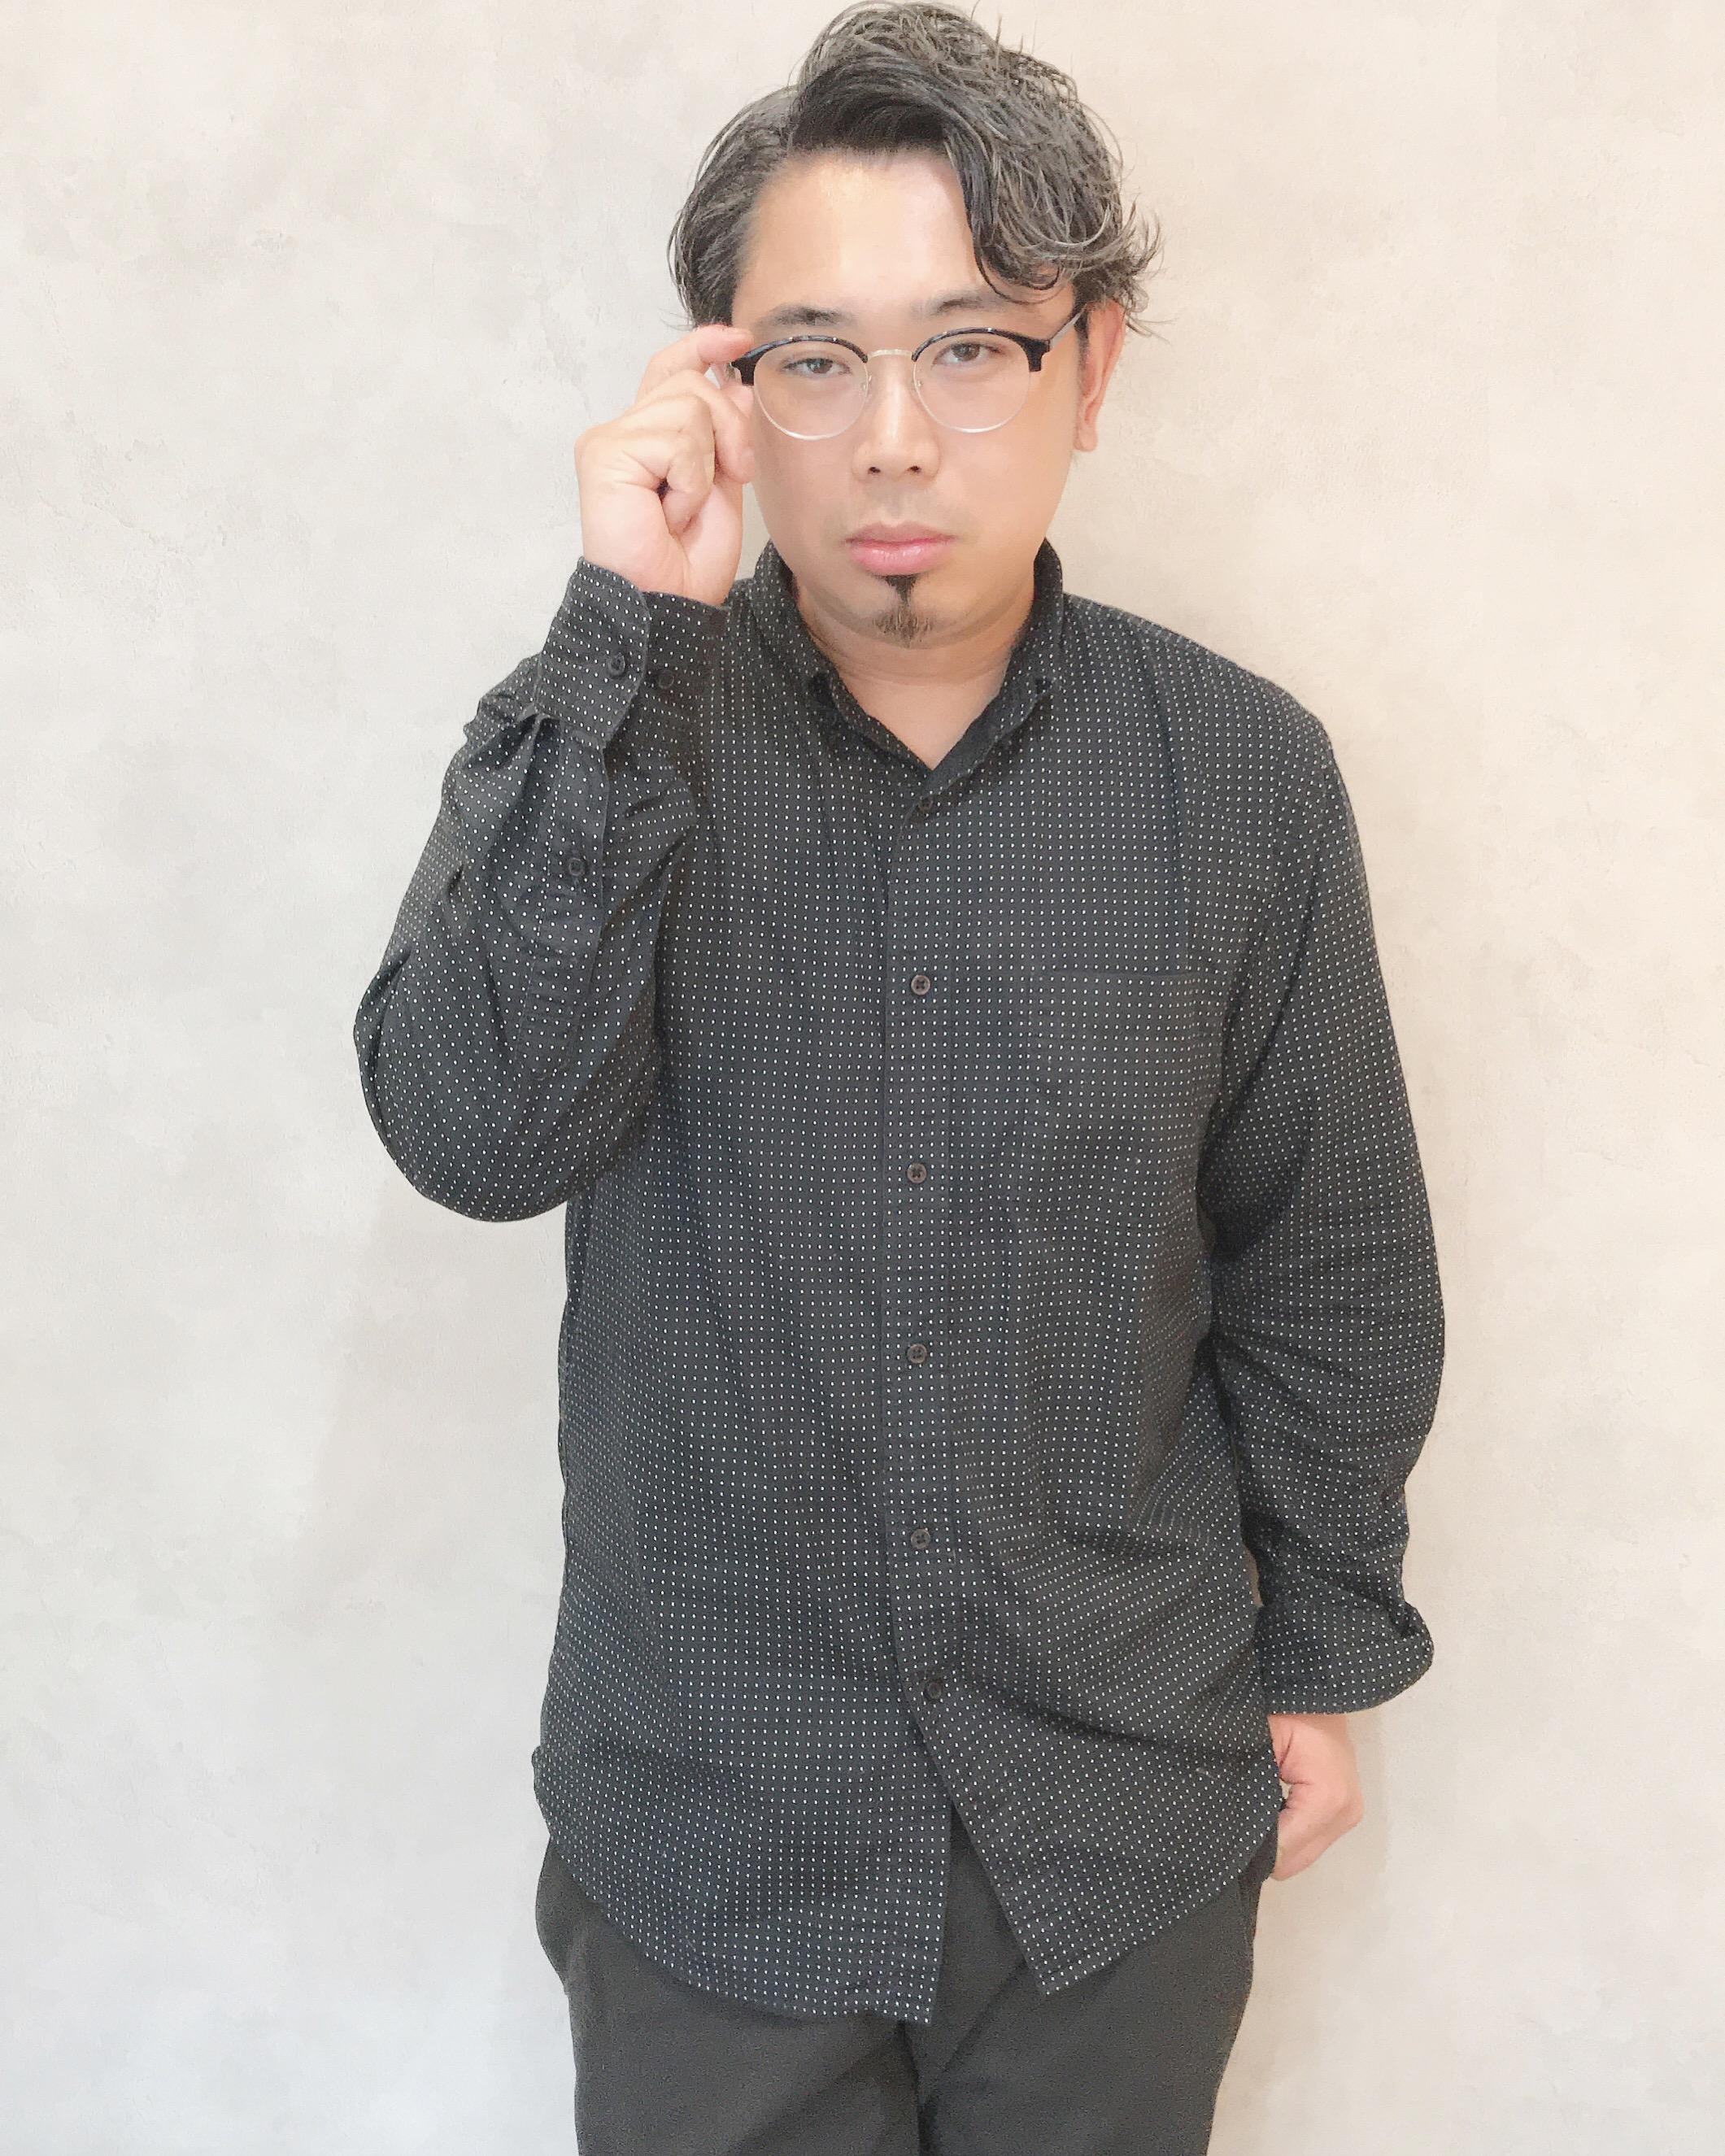 Kazuhiko Fujita